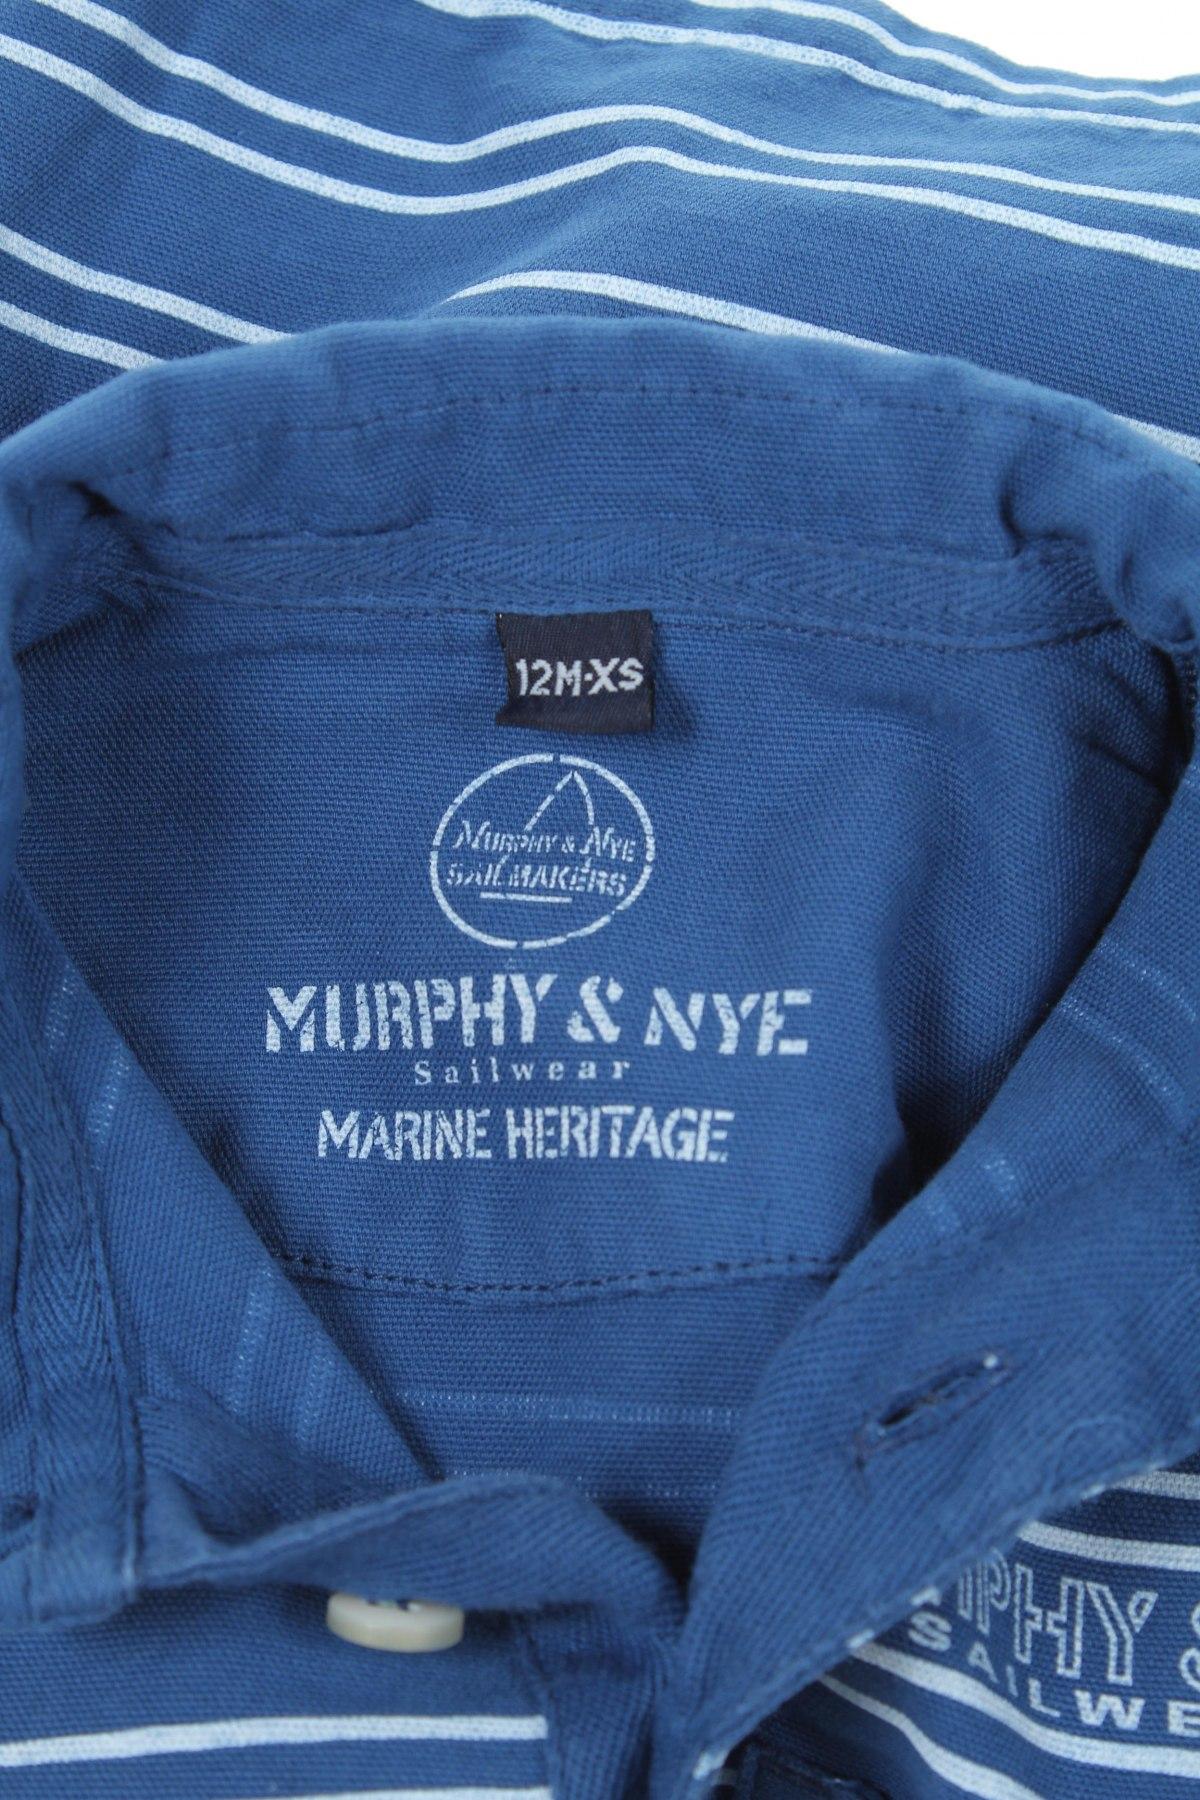 reputable site 945e4 eeb80 Детска блуза Murphy & Nye - на изгодна цена в Remix - #104310918